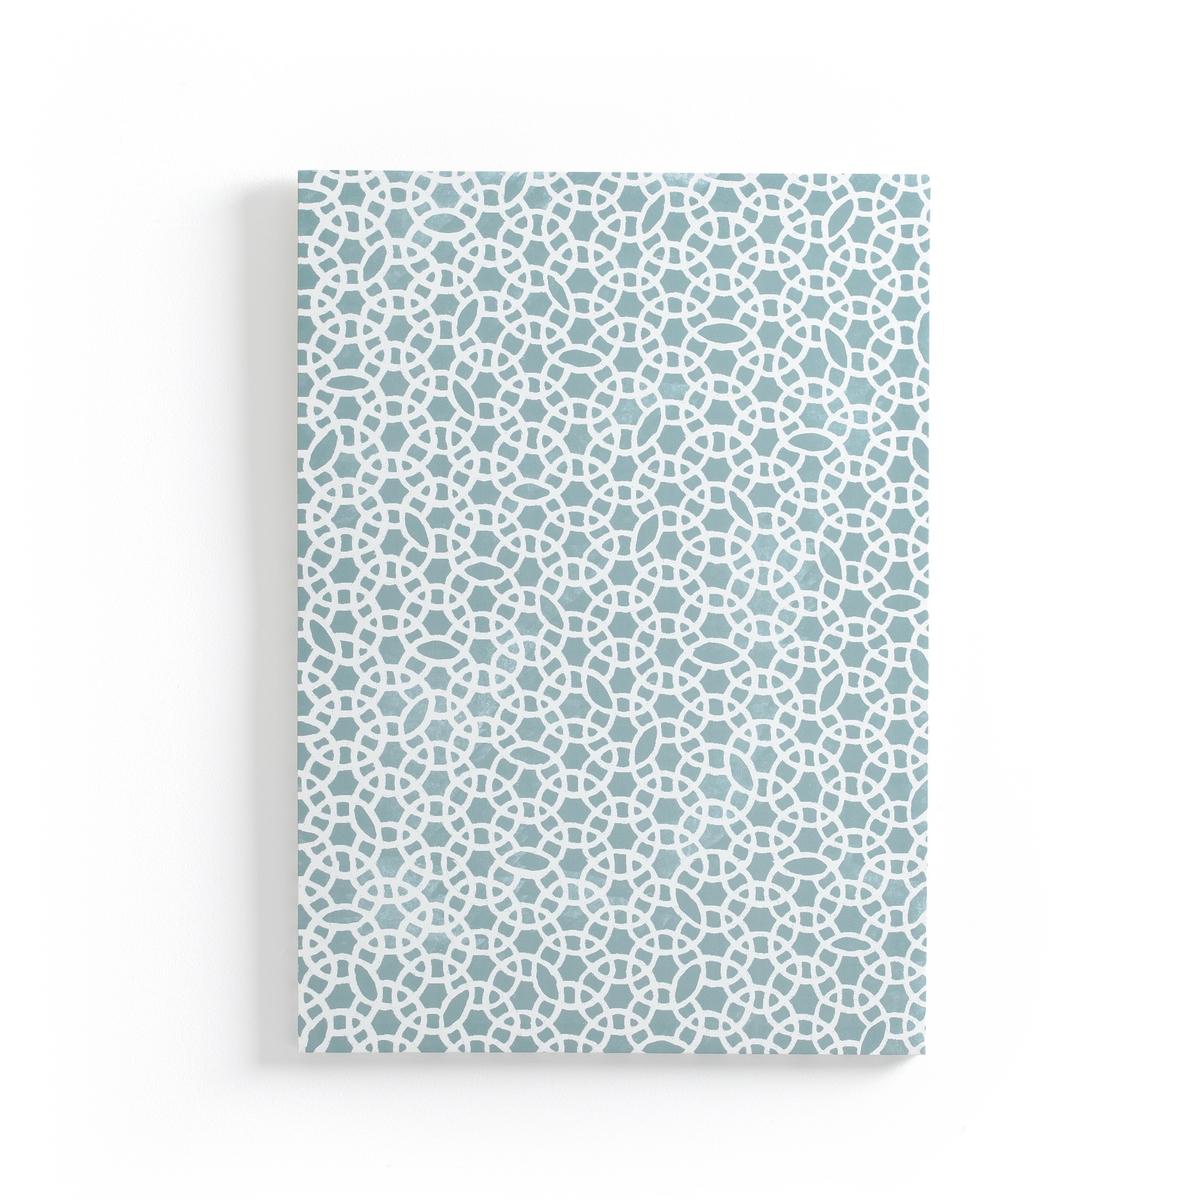 Панно с рисунком ACILIAПанно с рисунком на подкладке из пеноматериала ACILIA.Характеристики панно Acilia : •  2 пластины для крепления на стену (винты и дюбели продаются отдельно) •  Панно из МДФ с рисунком на подкладке из пеноматериалаВсю коллекцию вы можете найти на сайте laredoute.ruРазмеры панно  Acilia :50 смВысота : 70 см<br><br>Цвет: изумрудный